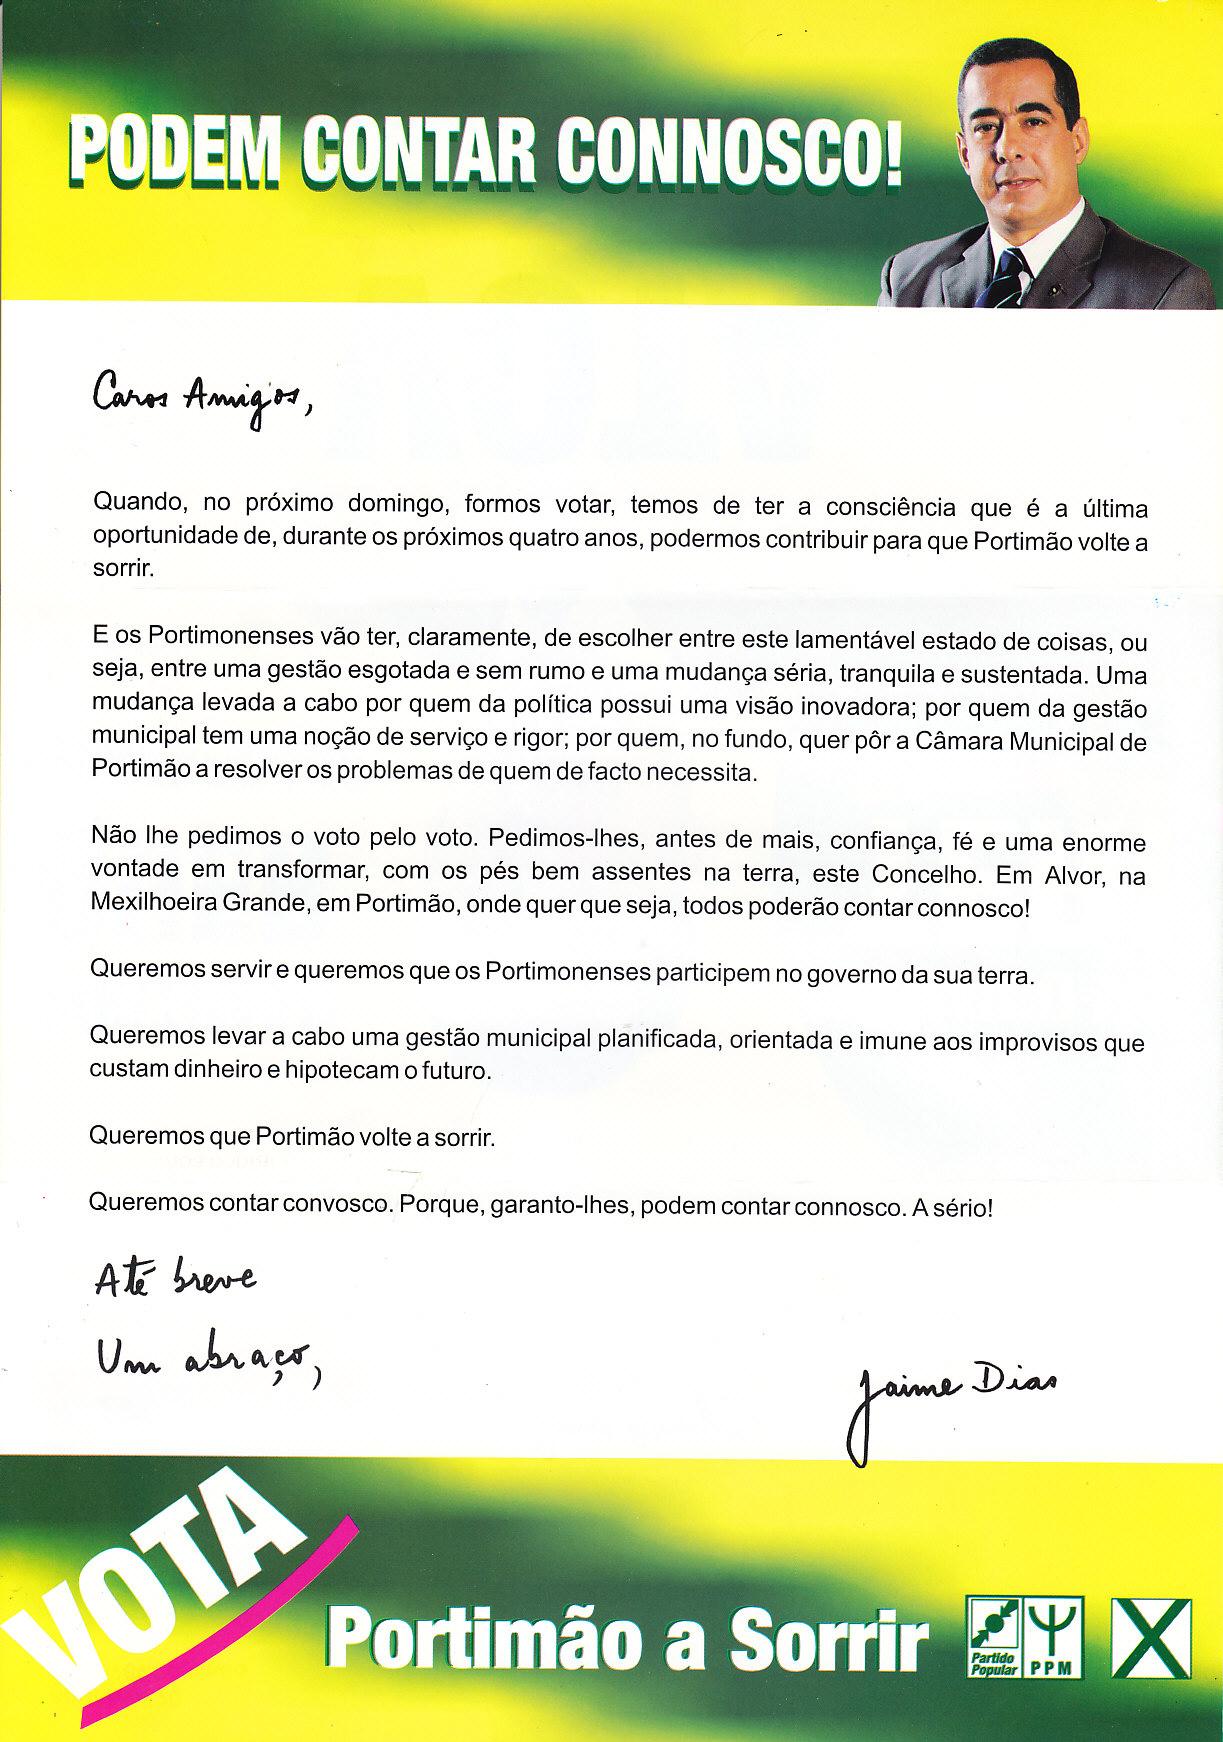 Jaime_Dias_Portimao_2001_0021